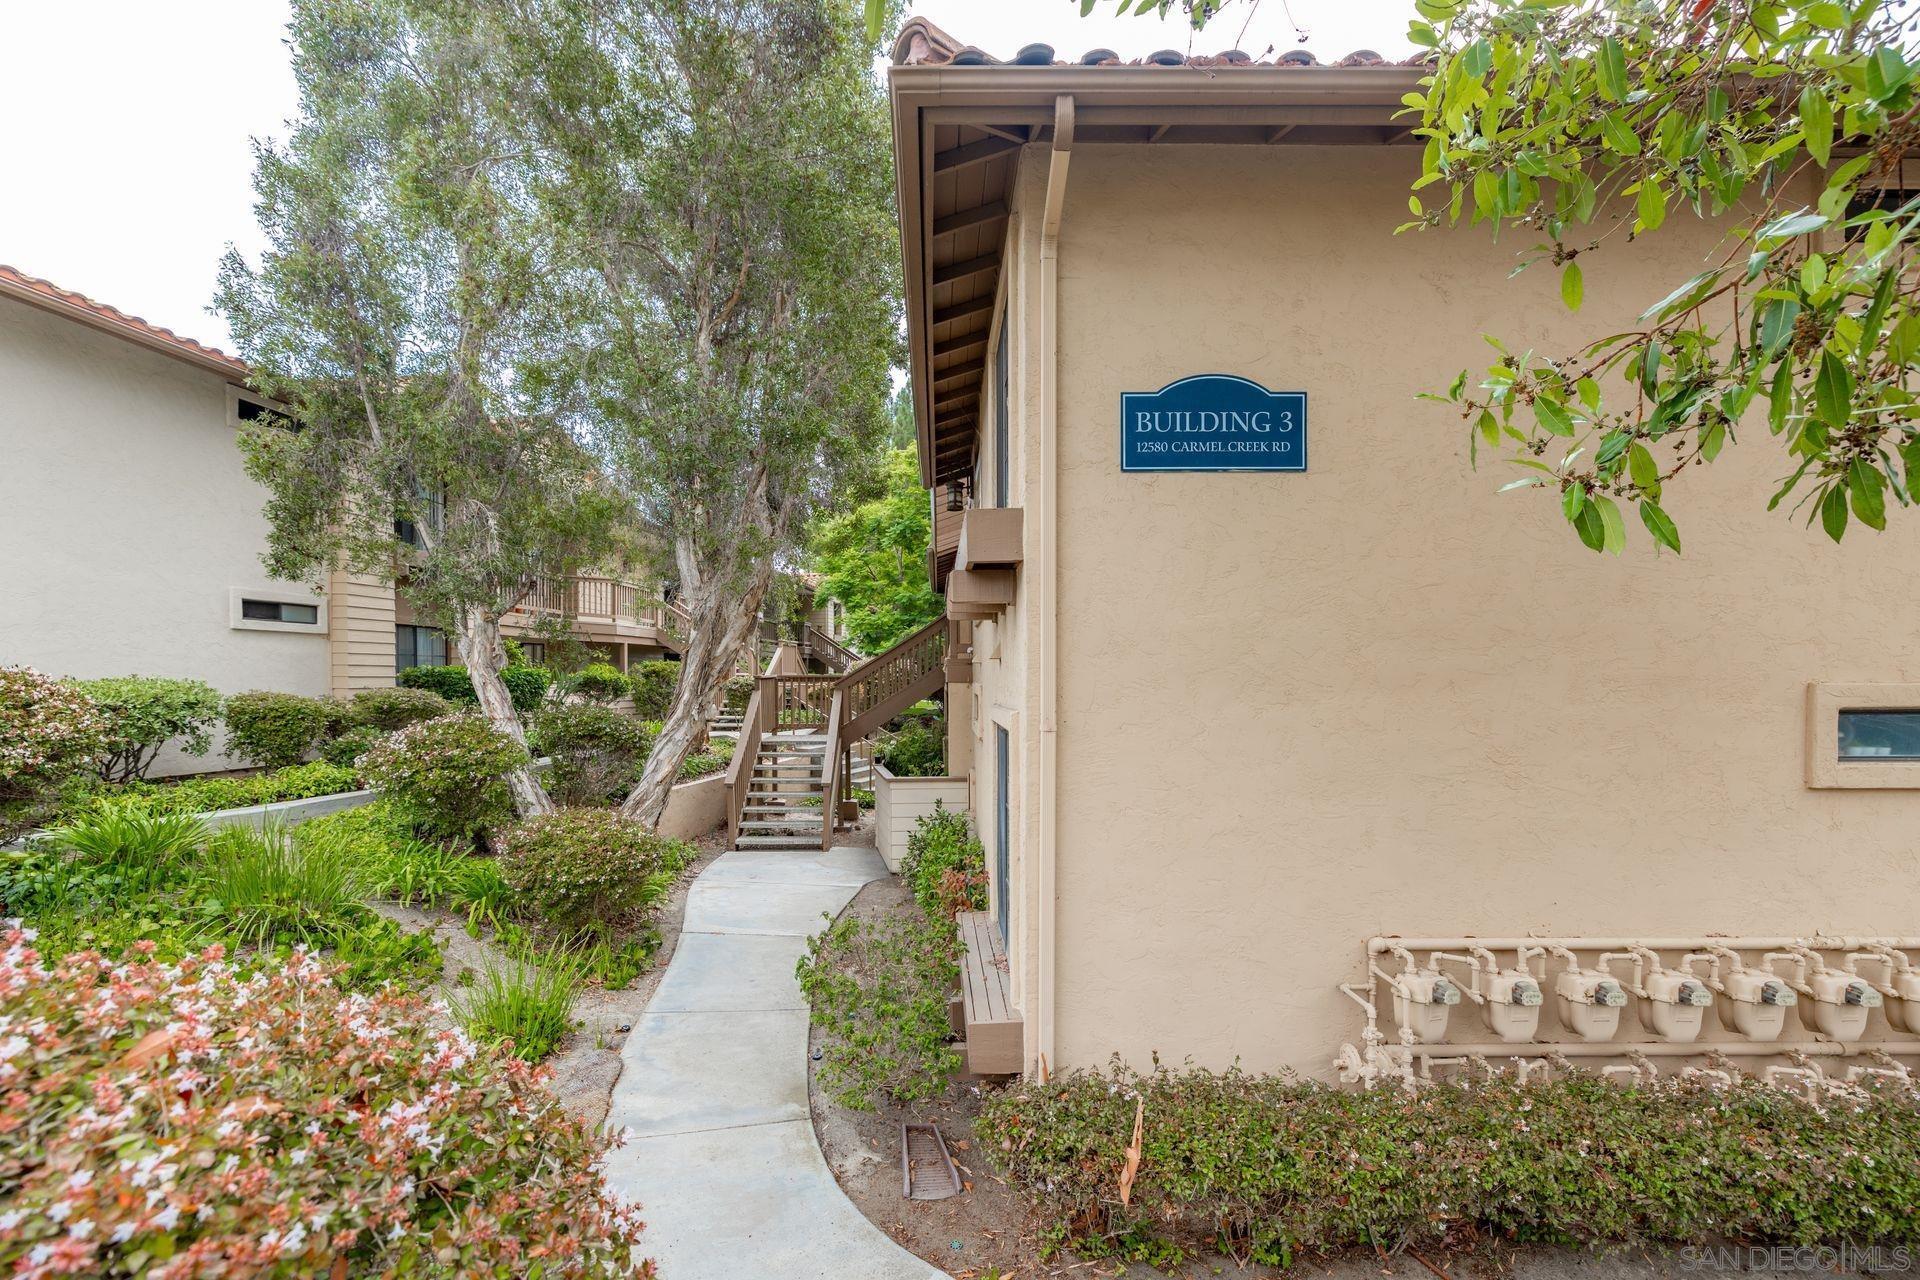 12580 Carmel Creek Rd 52, San Diego, CA 92130